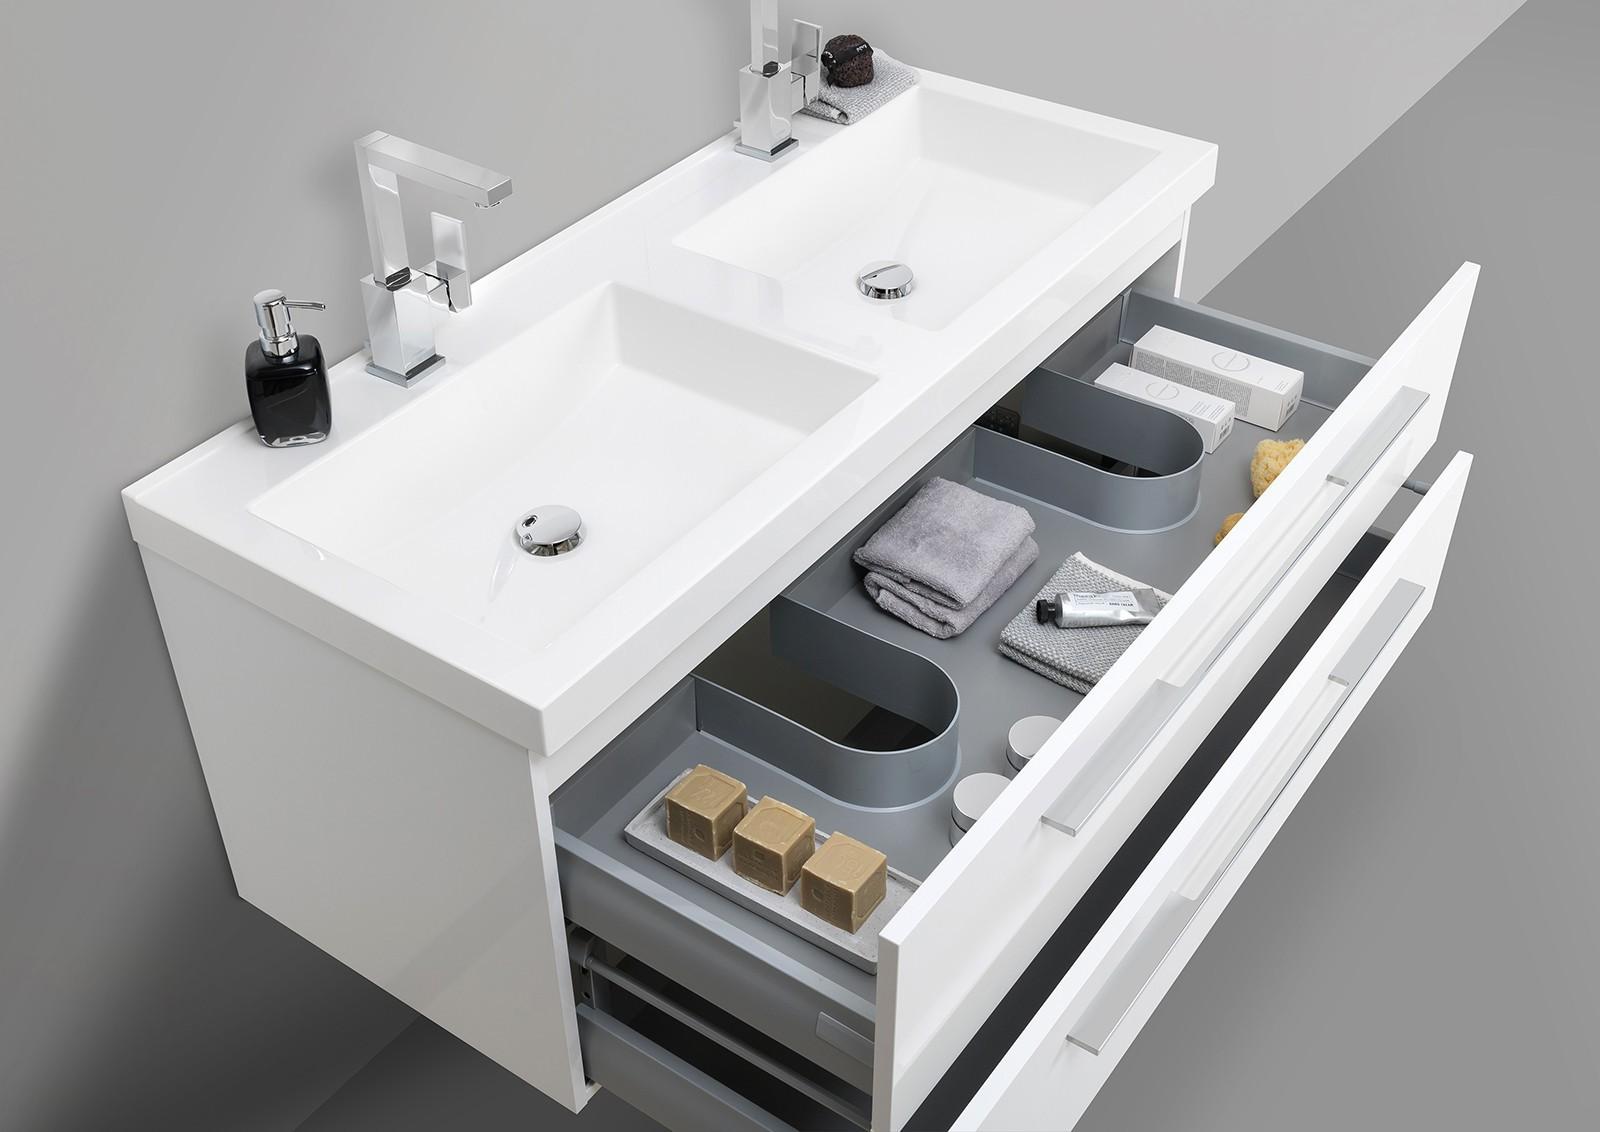 Doppelwaschbecken 120cm unterschrank und led lichtspiegel for Badezimmer set doppelwaschbecken